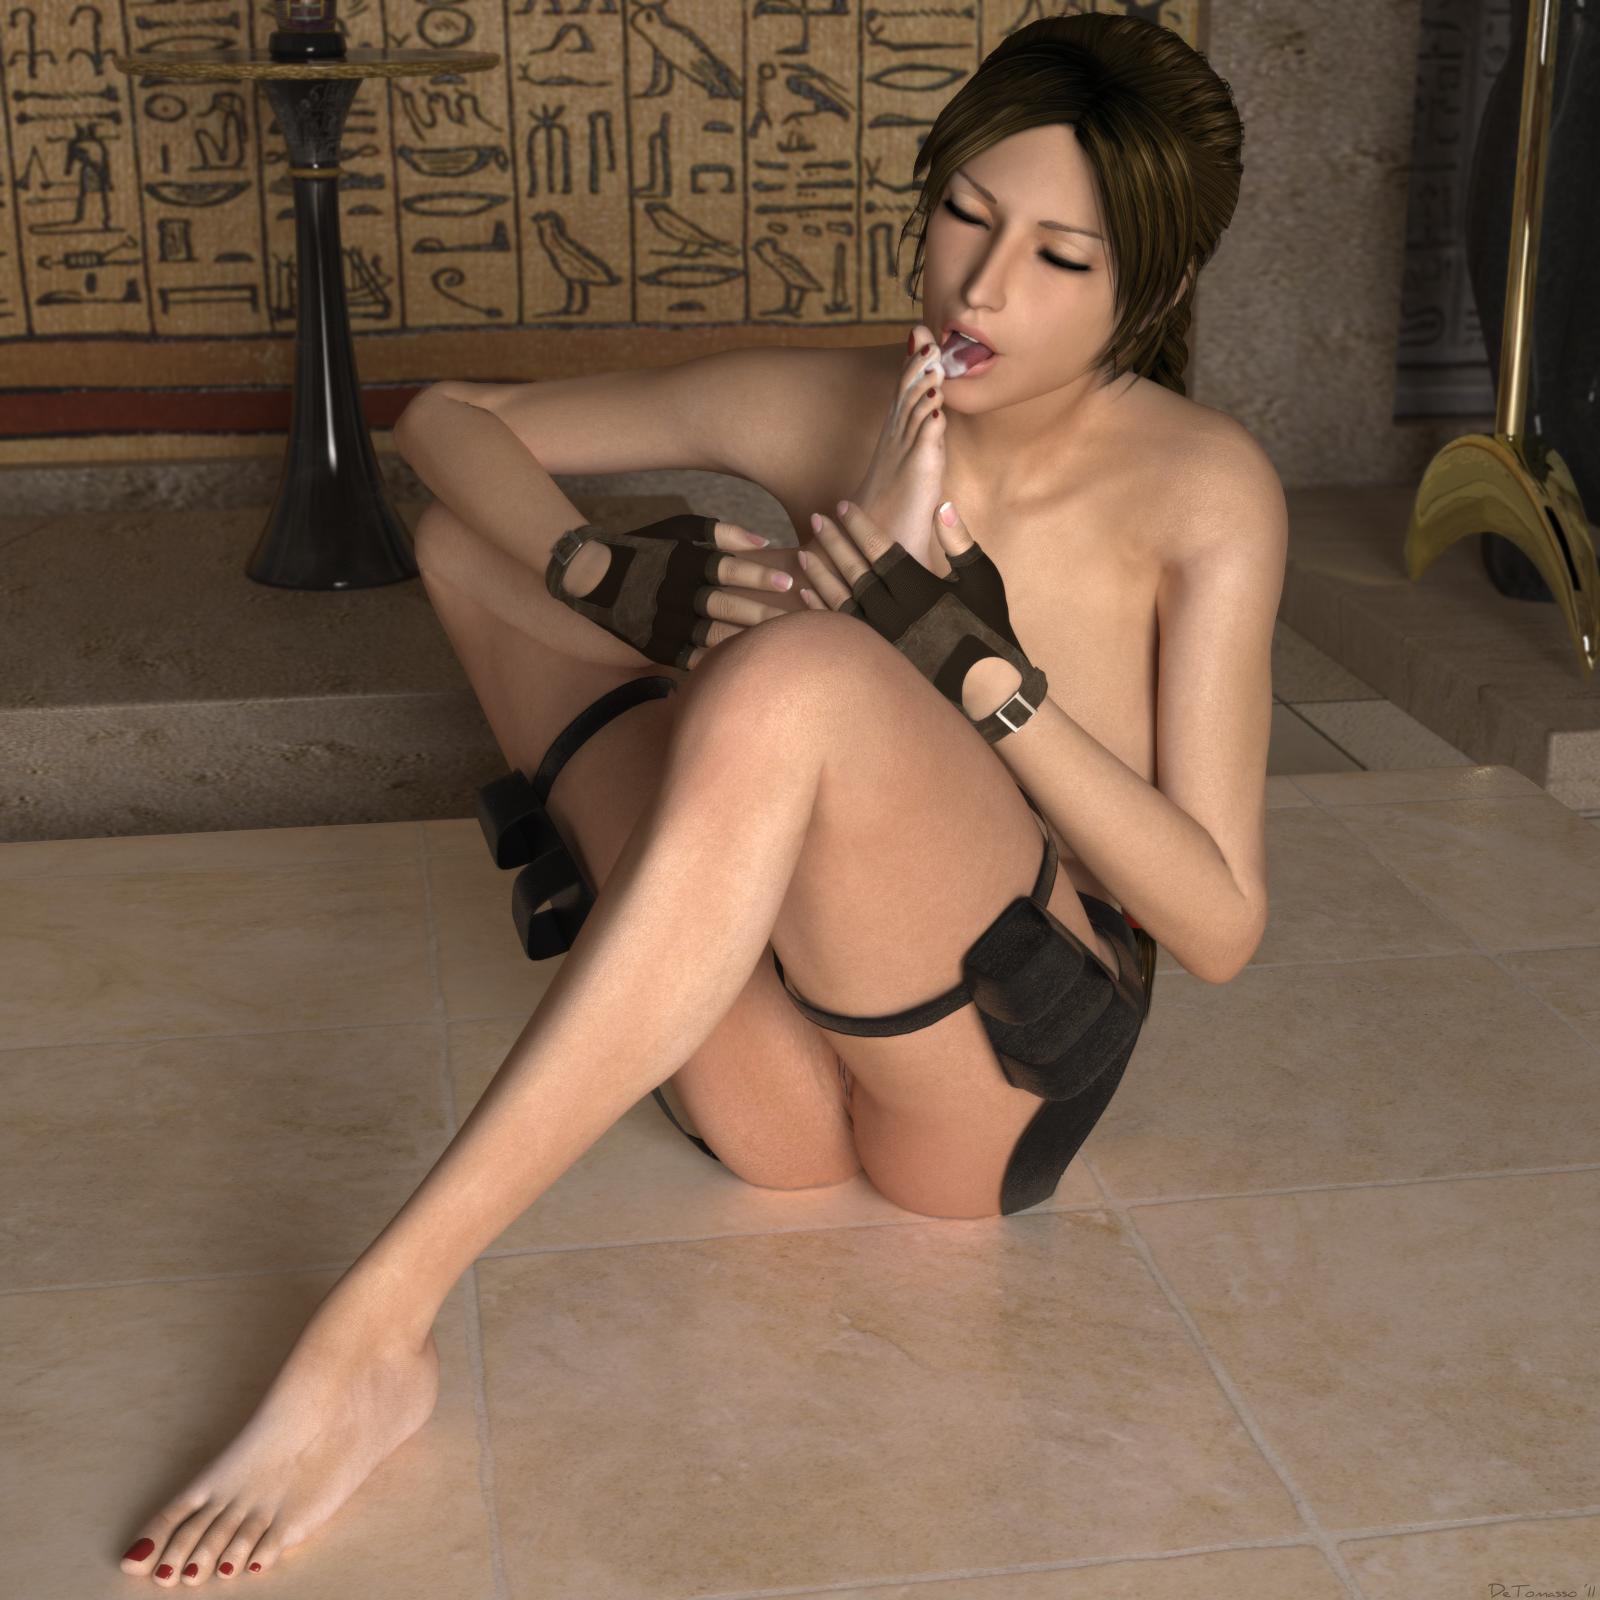 Lara croft 3d pornok nsfw scene